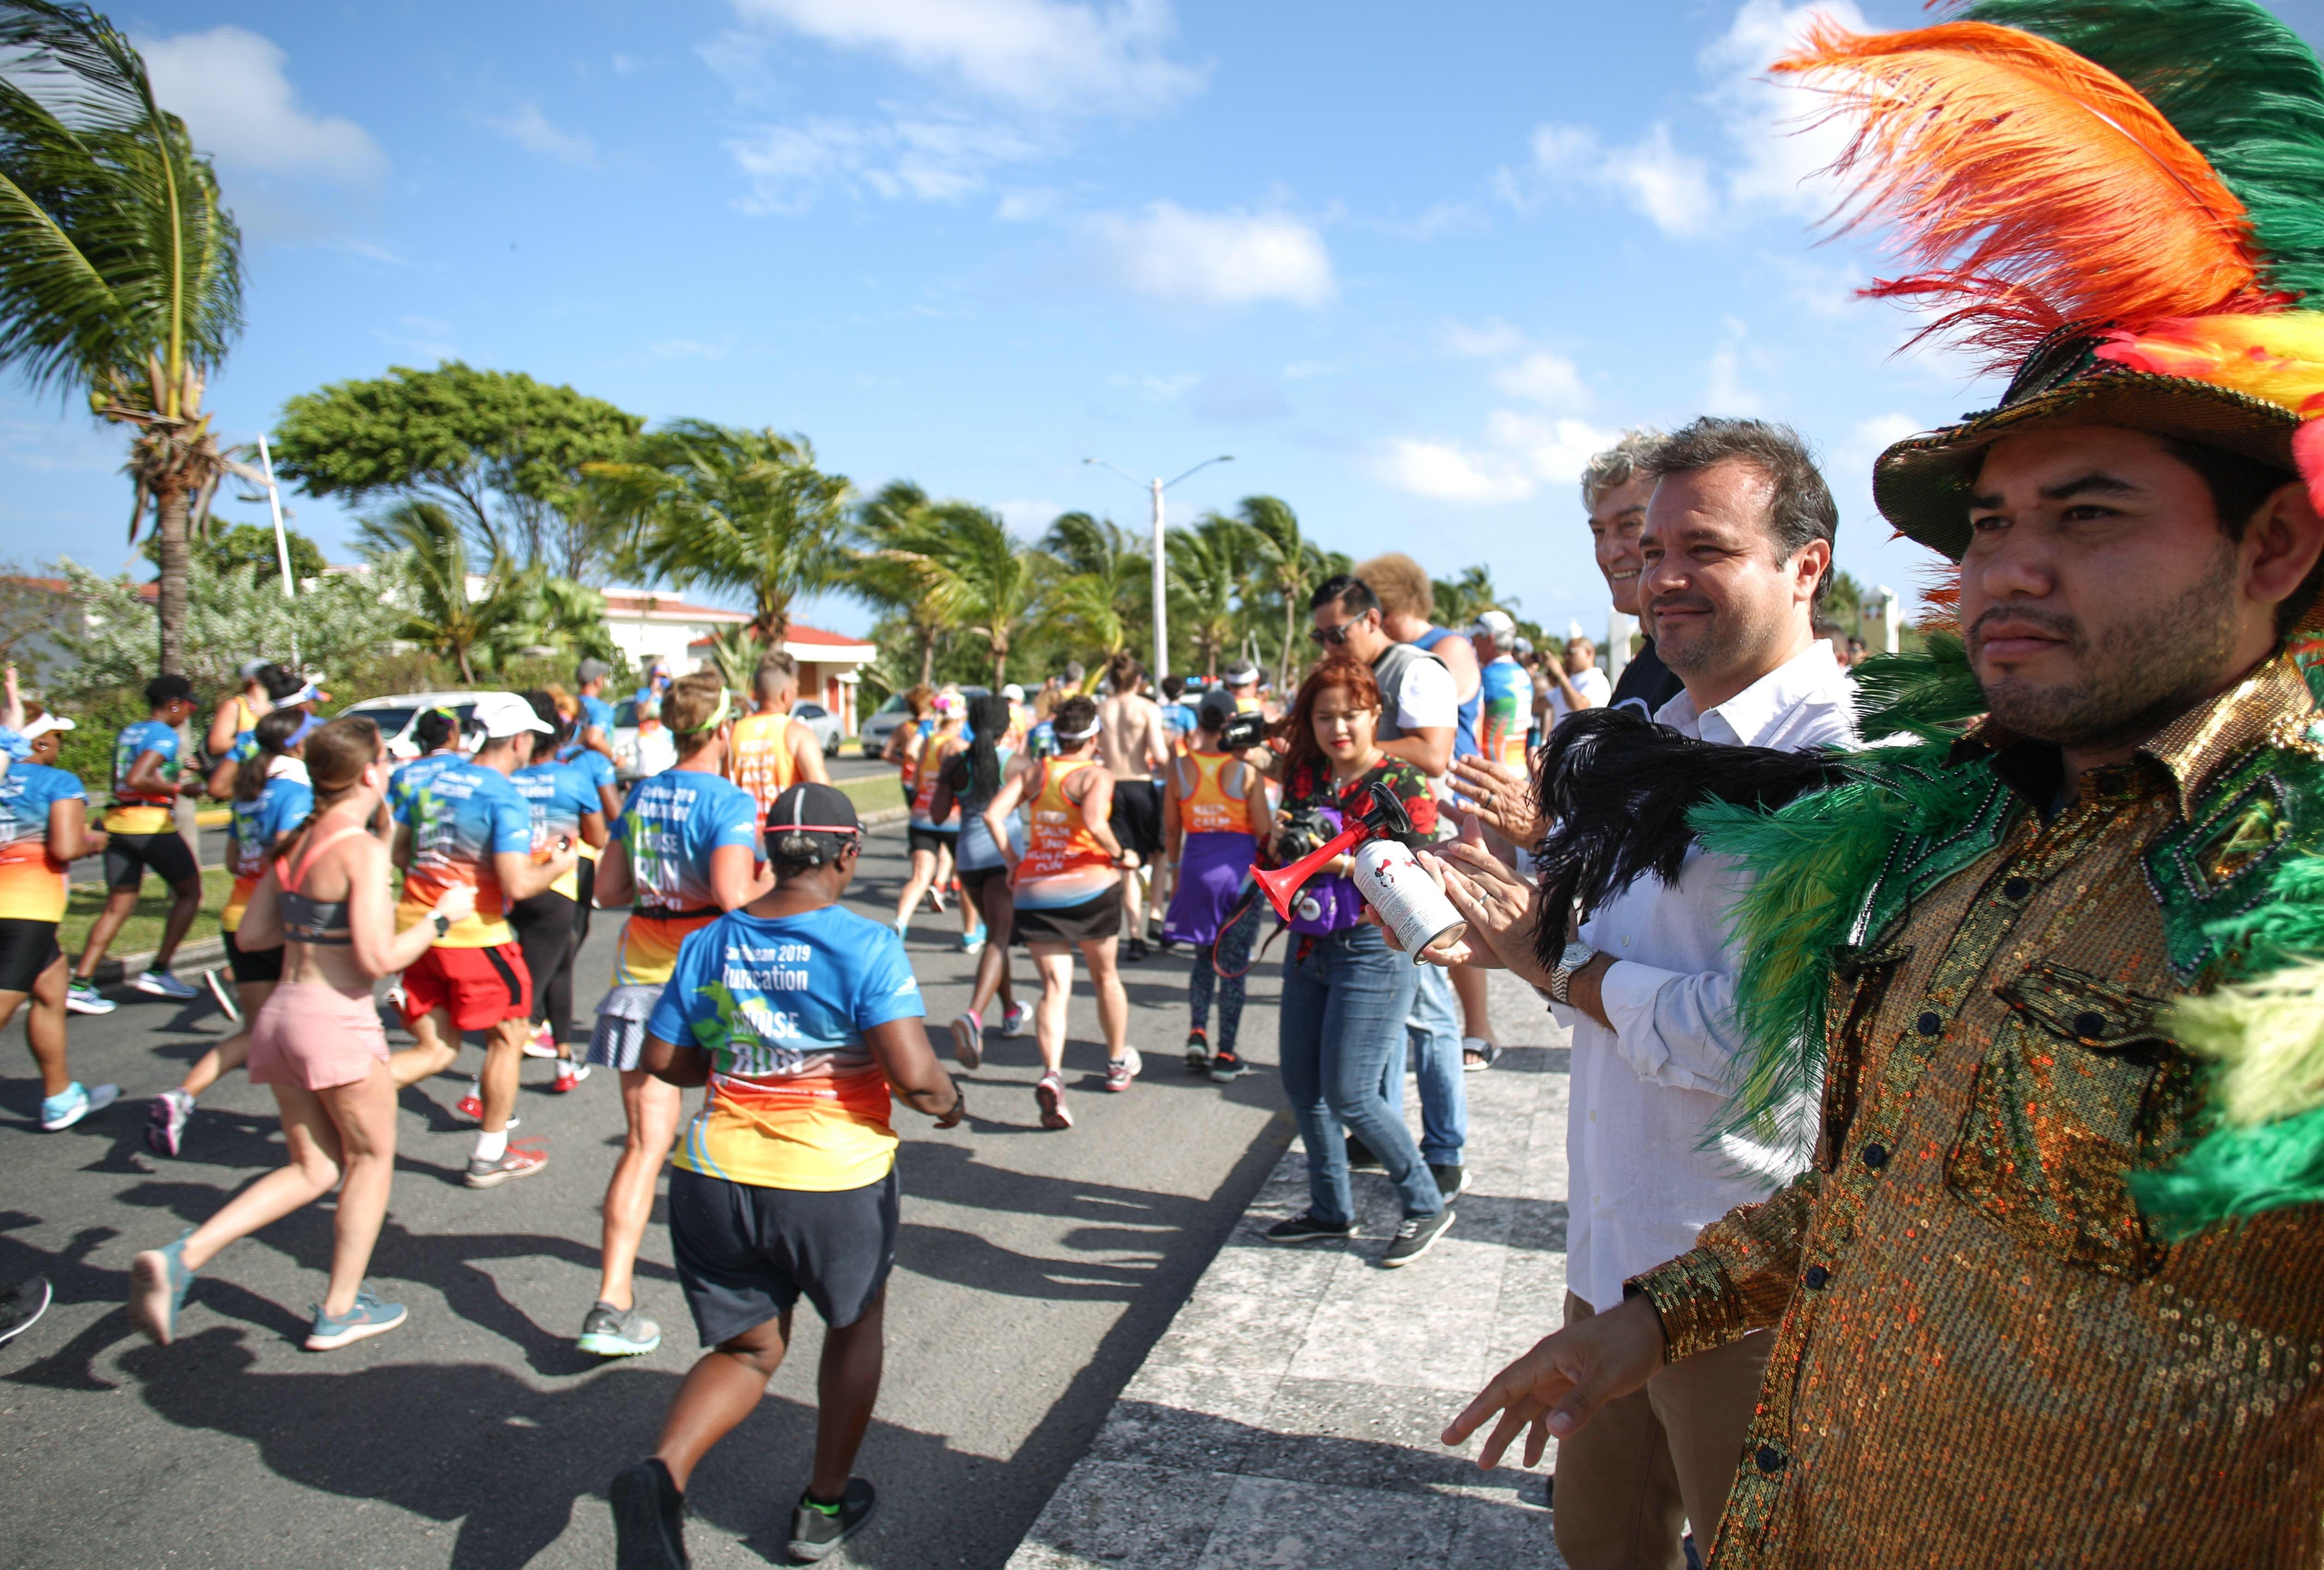 El Presidente de Cozumel viendo la salida de los participantes